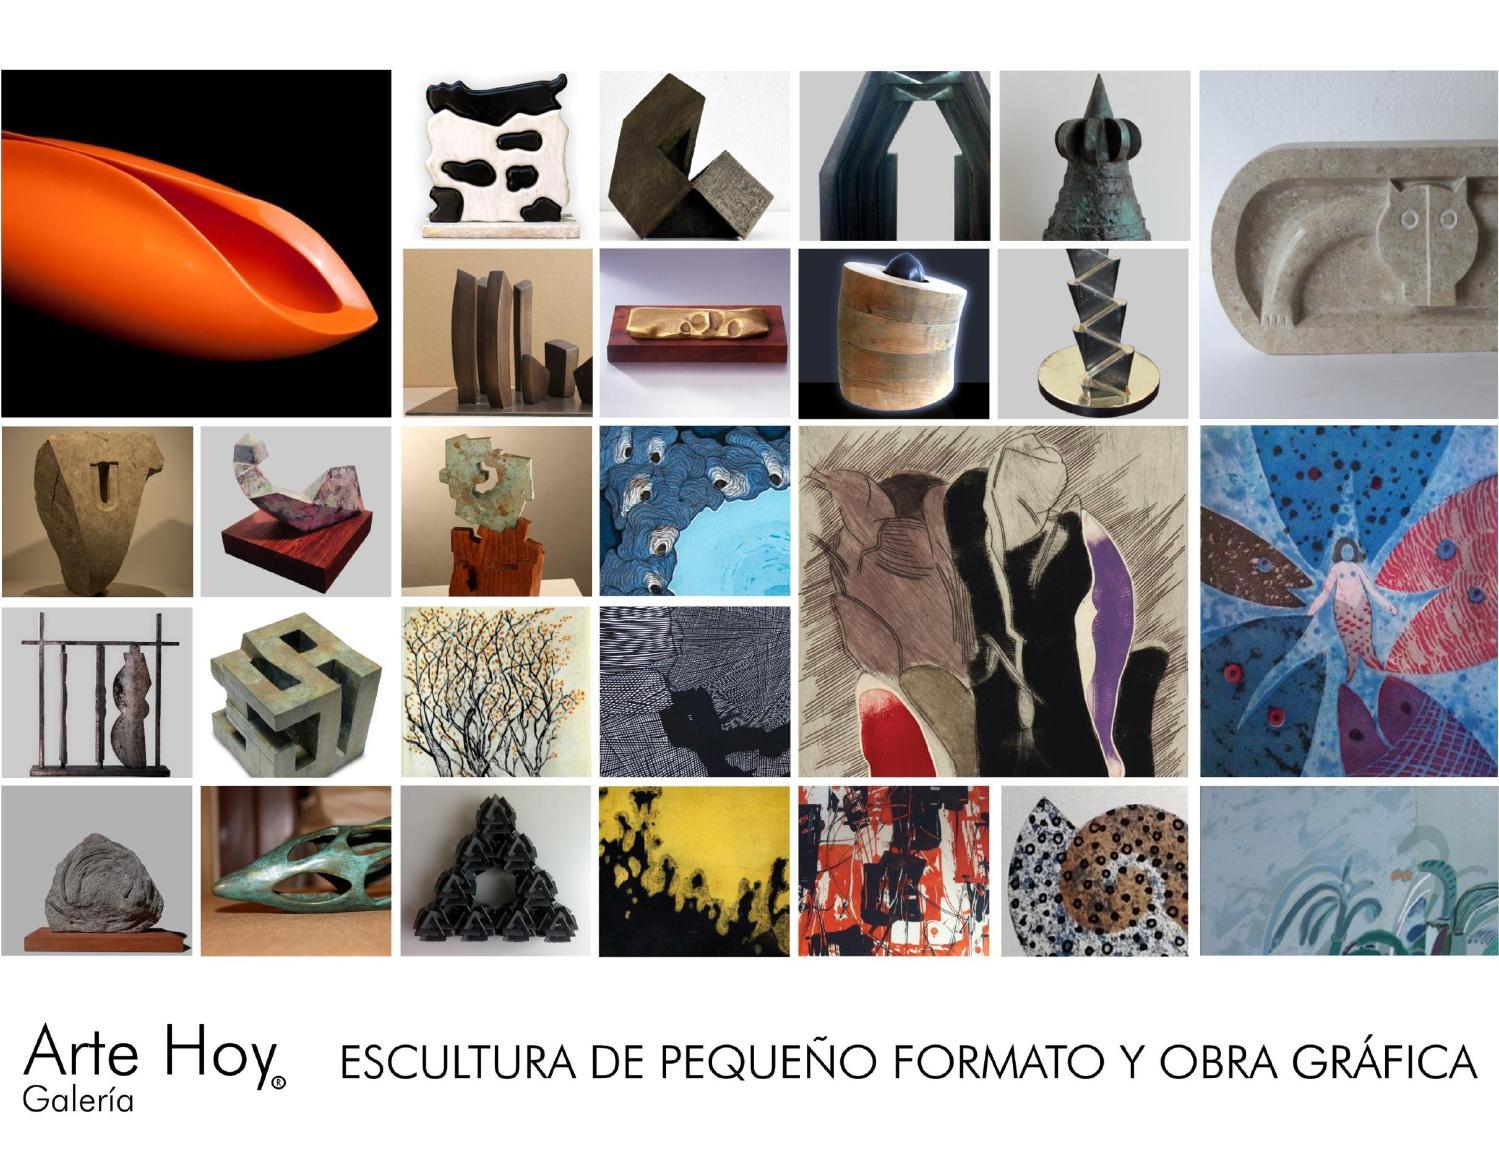 Catálogo Arte Hoy - Escultura Pequeño Formato 2012 by Arte Hoy - issuu